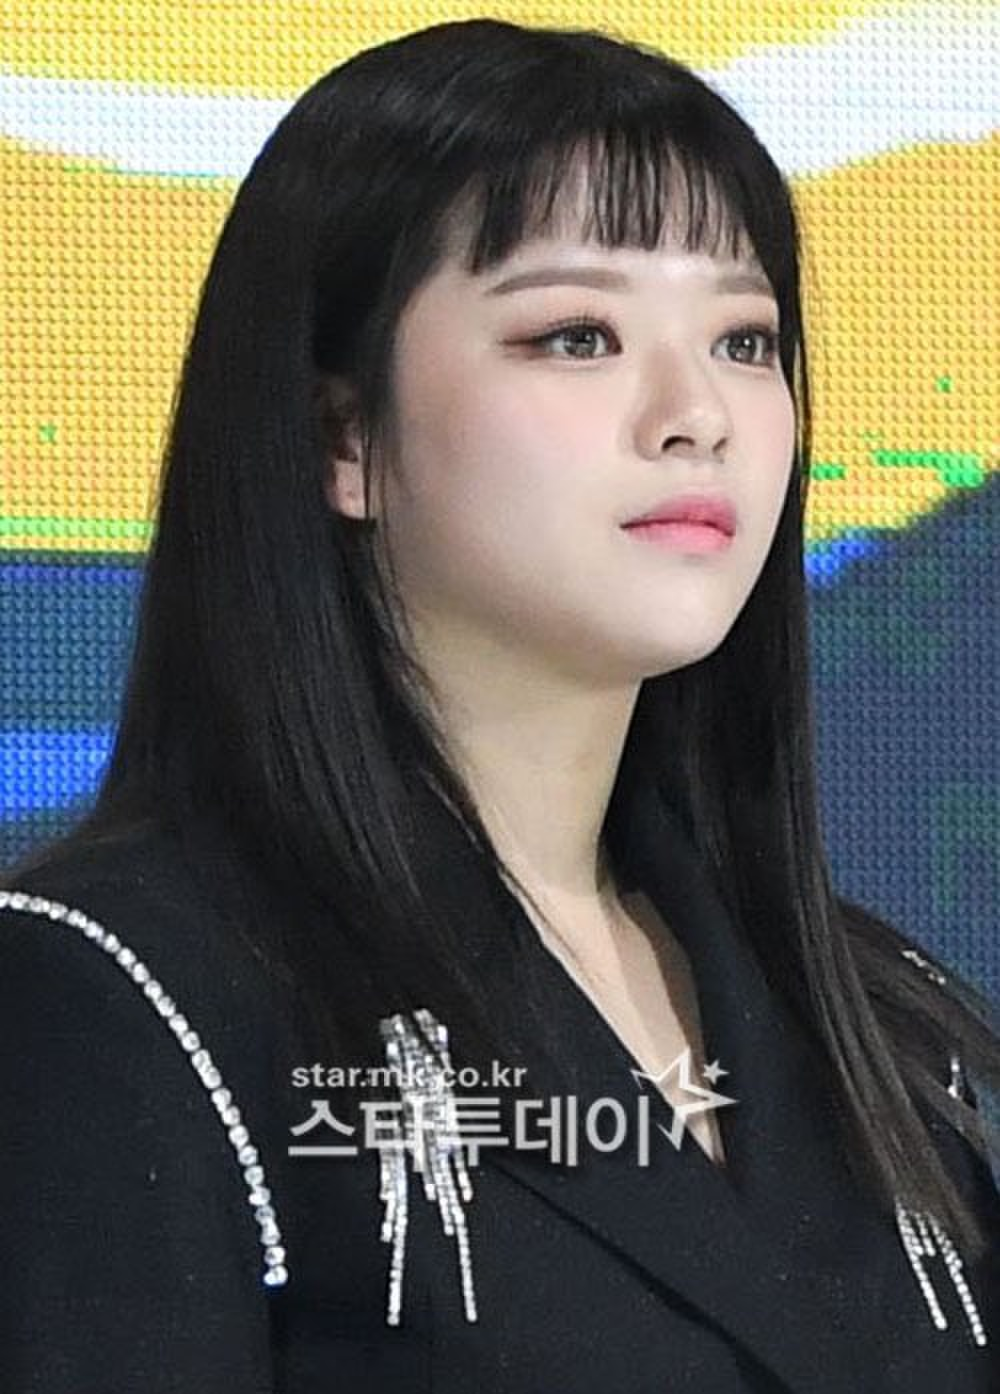 Ơn giời, fan cuối cùng đã được thưởng thức sân khấu 'I Can't Stop Me' đầu tiên đủ 9 thành viên Twice Ảnh 2